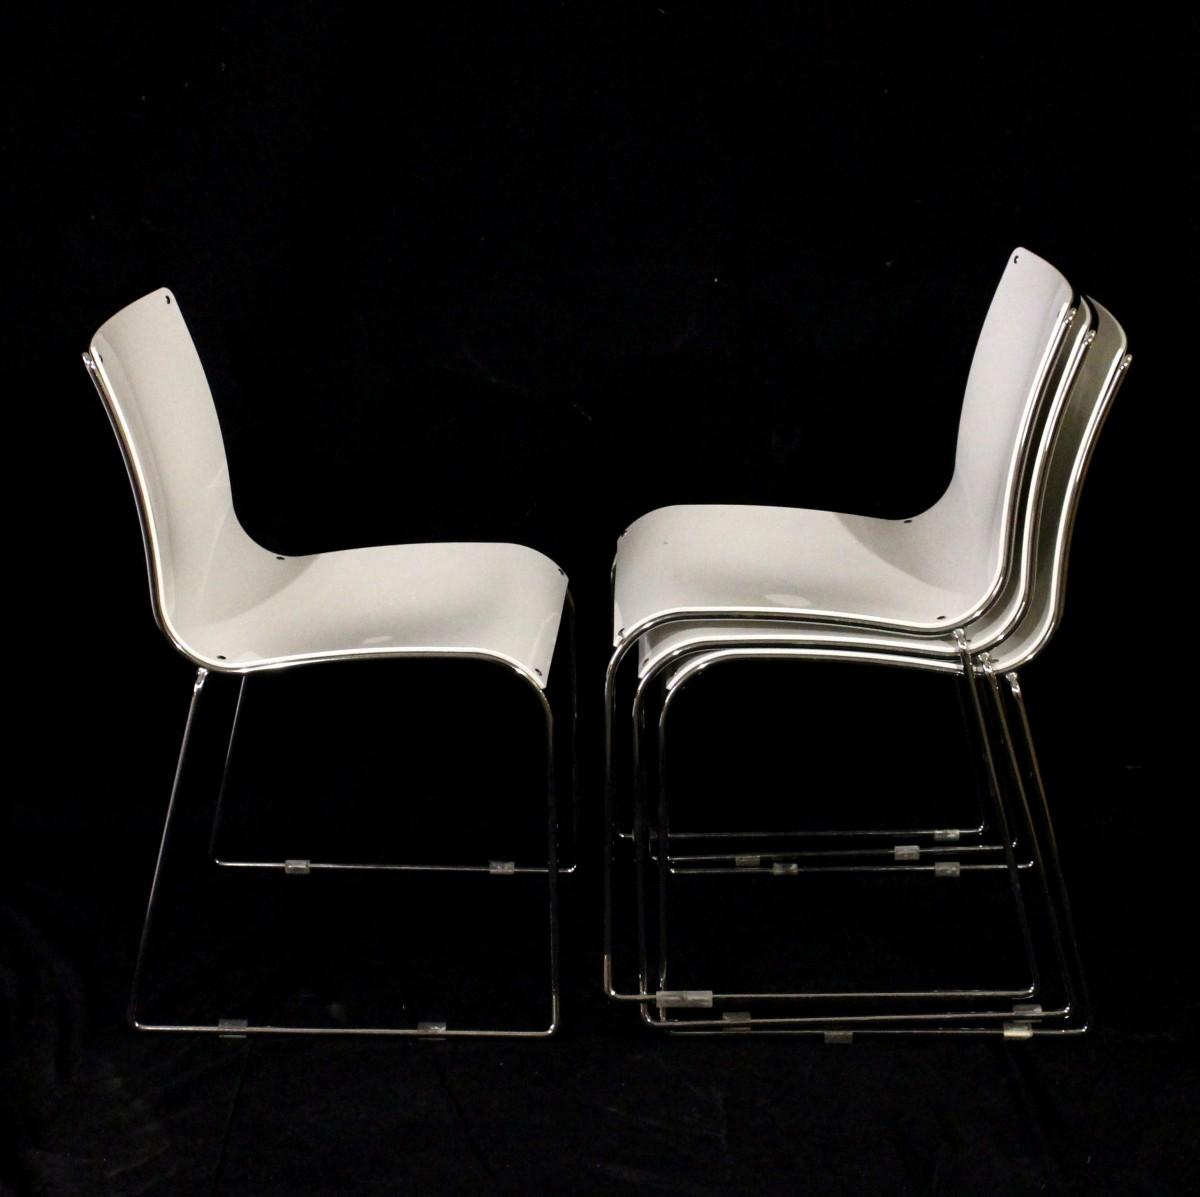 Sedie Moderne In Plastica.4 Sedie Bianche Moderne Impialbili Acciaio E Plastica Laccata